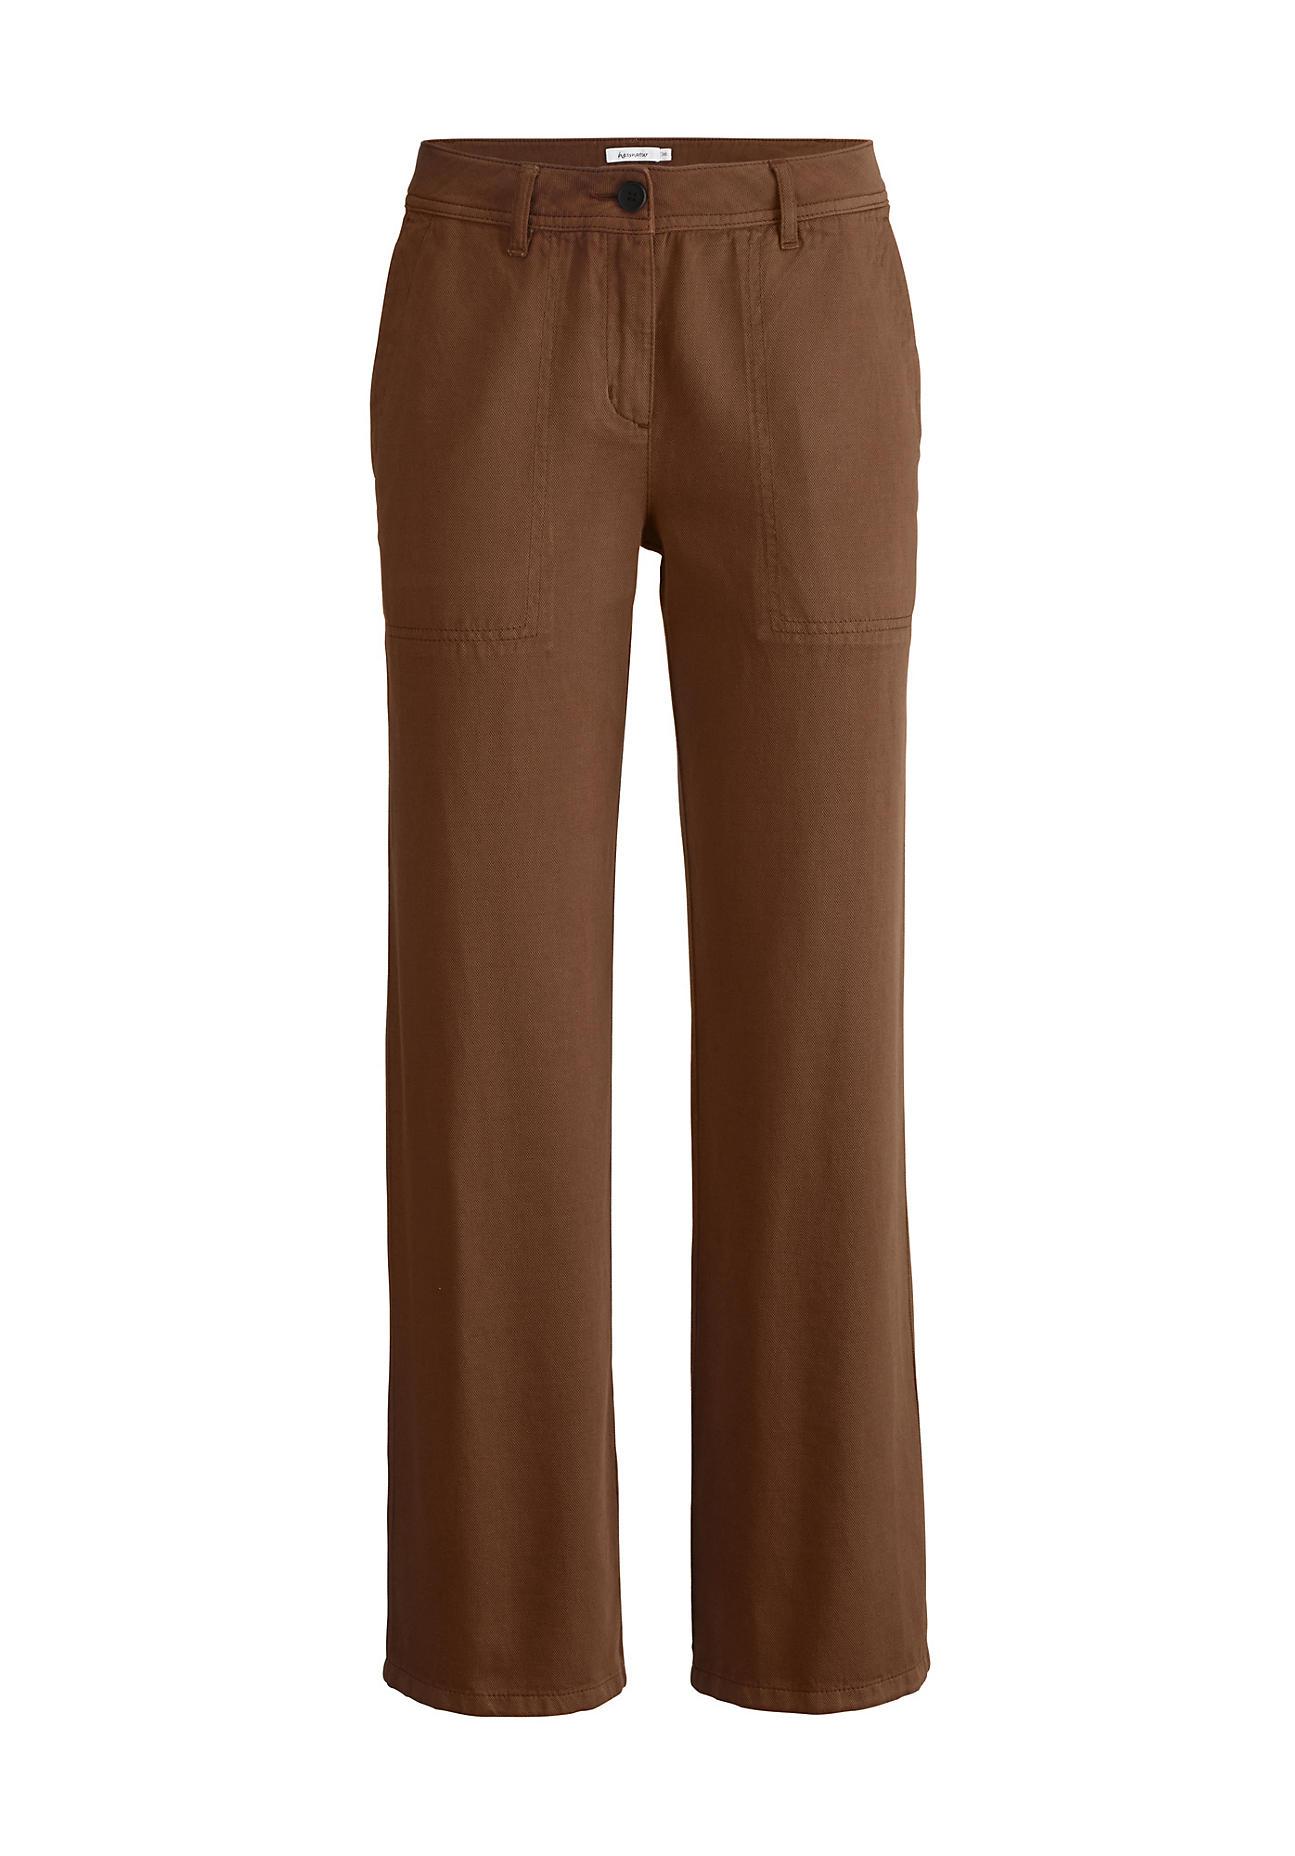 Hosen für Frauen - hessnatur Damen Hose aus Bio Baumwolle mit Leinen – braun –  - Onlineshop Hessnatur